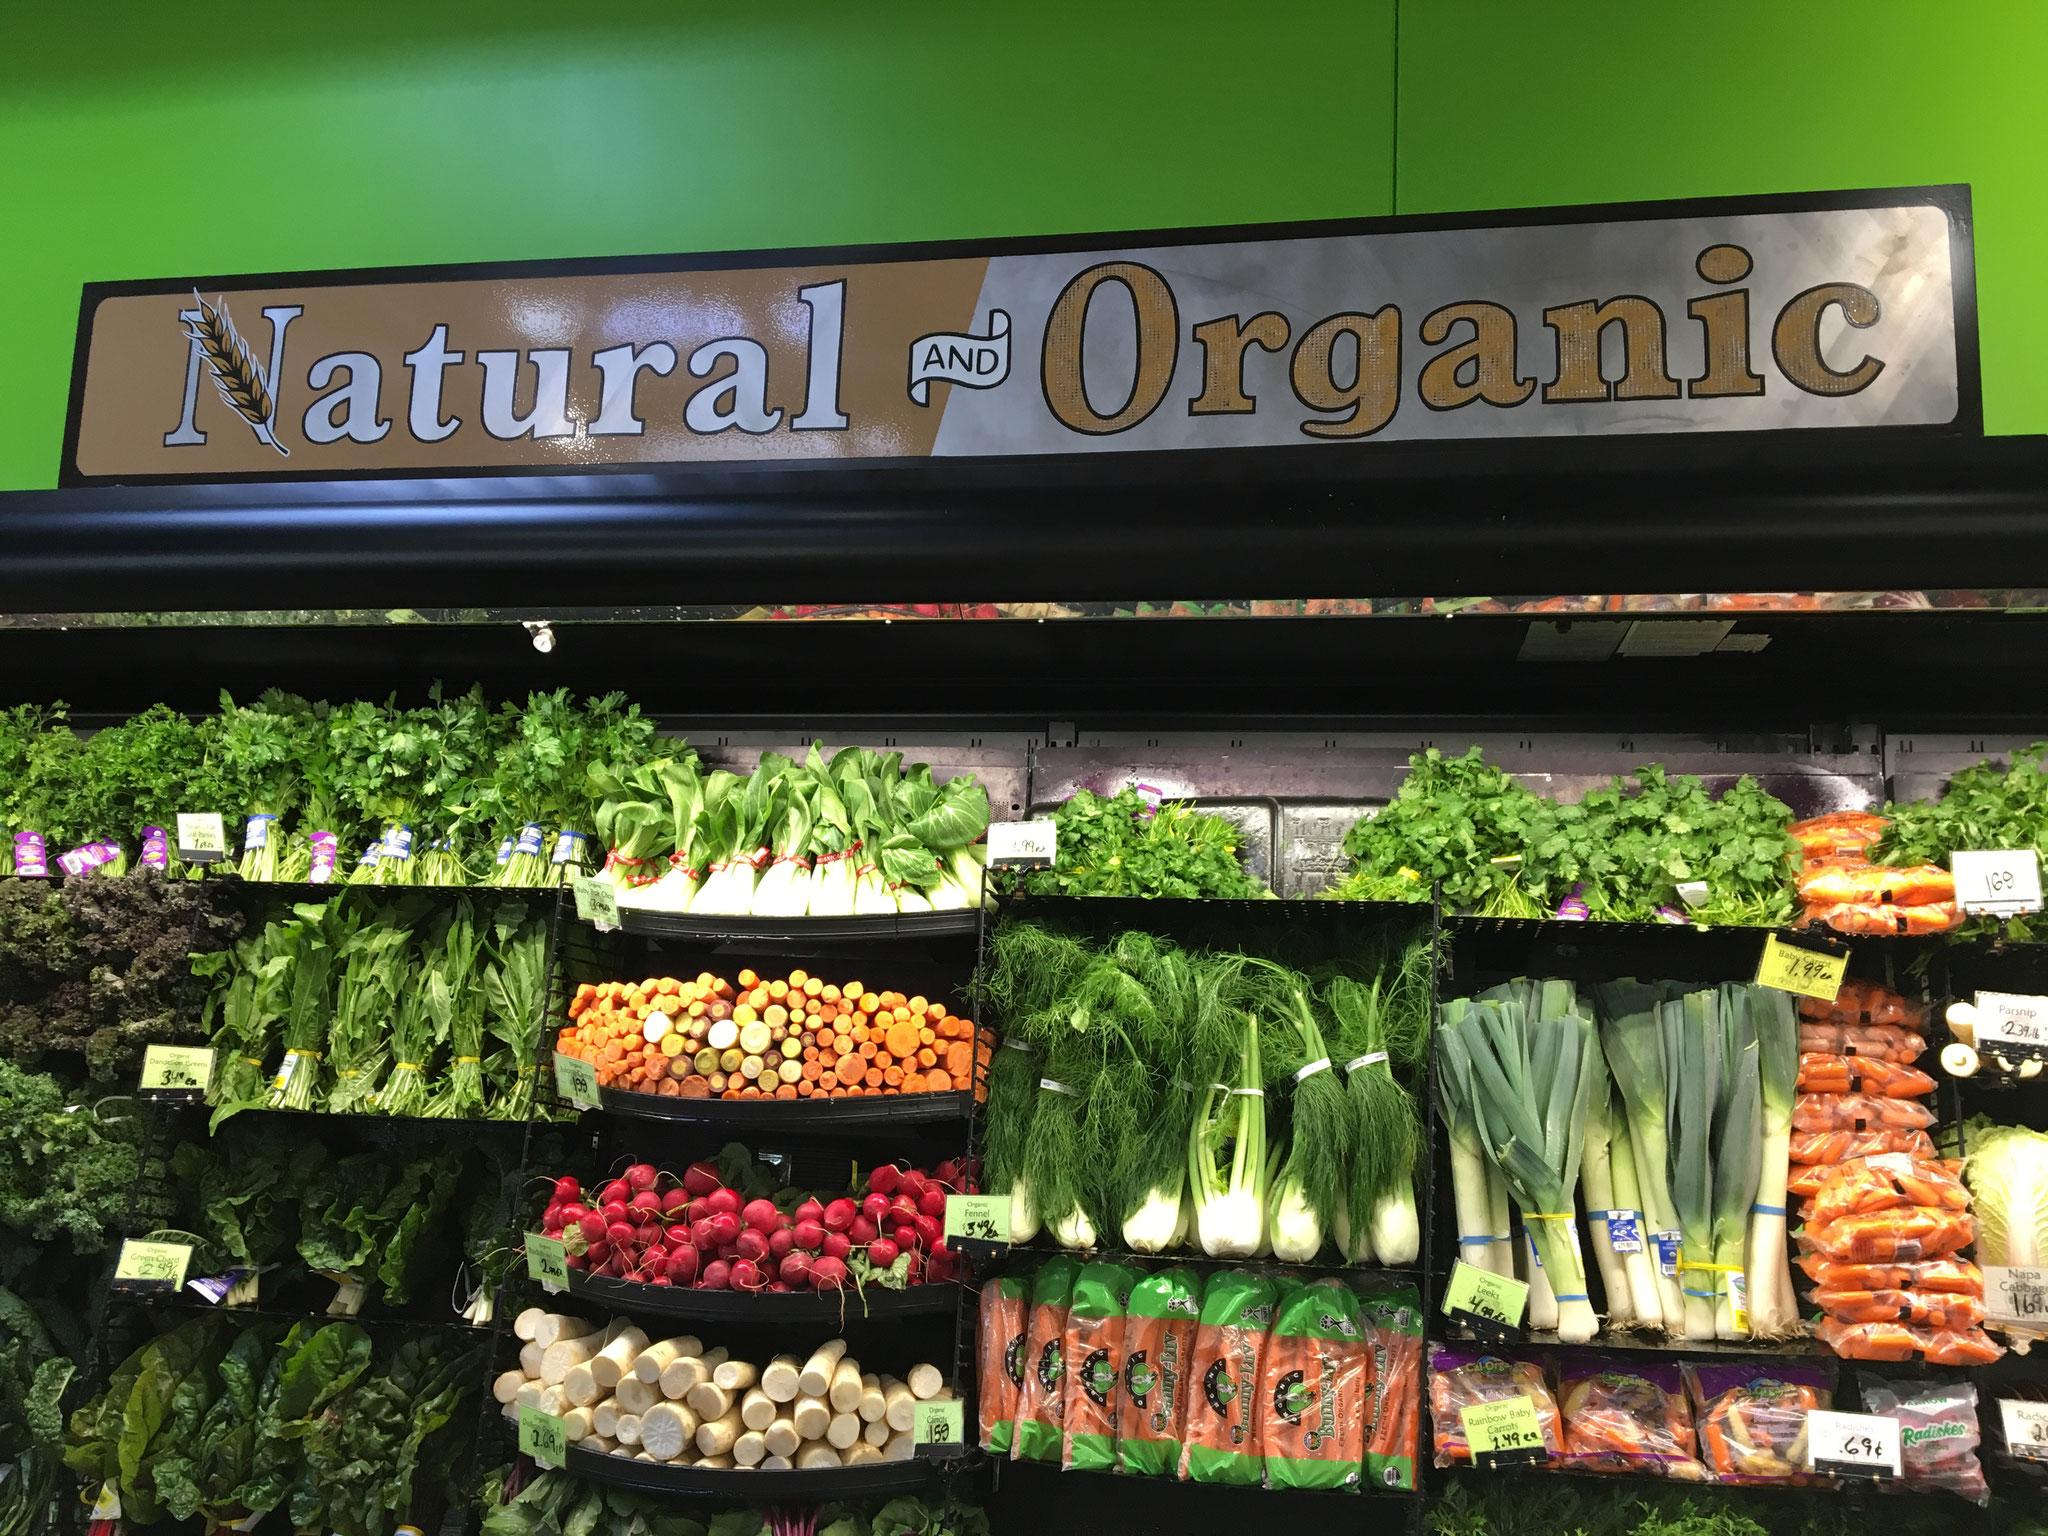 スーパーでもオーガニック食材が豊富